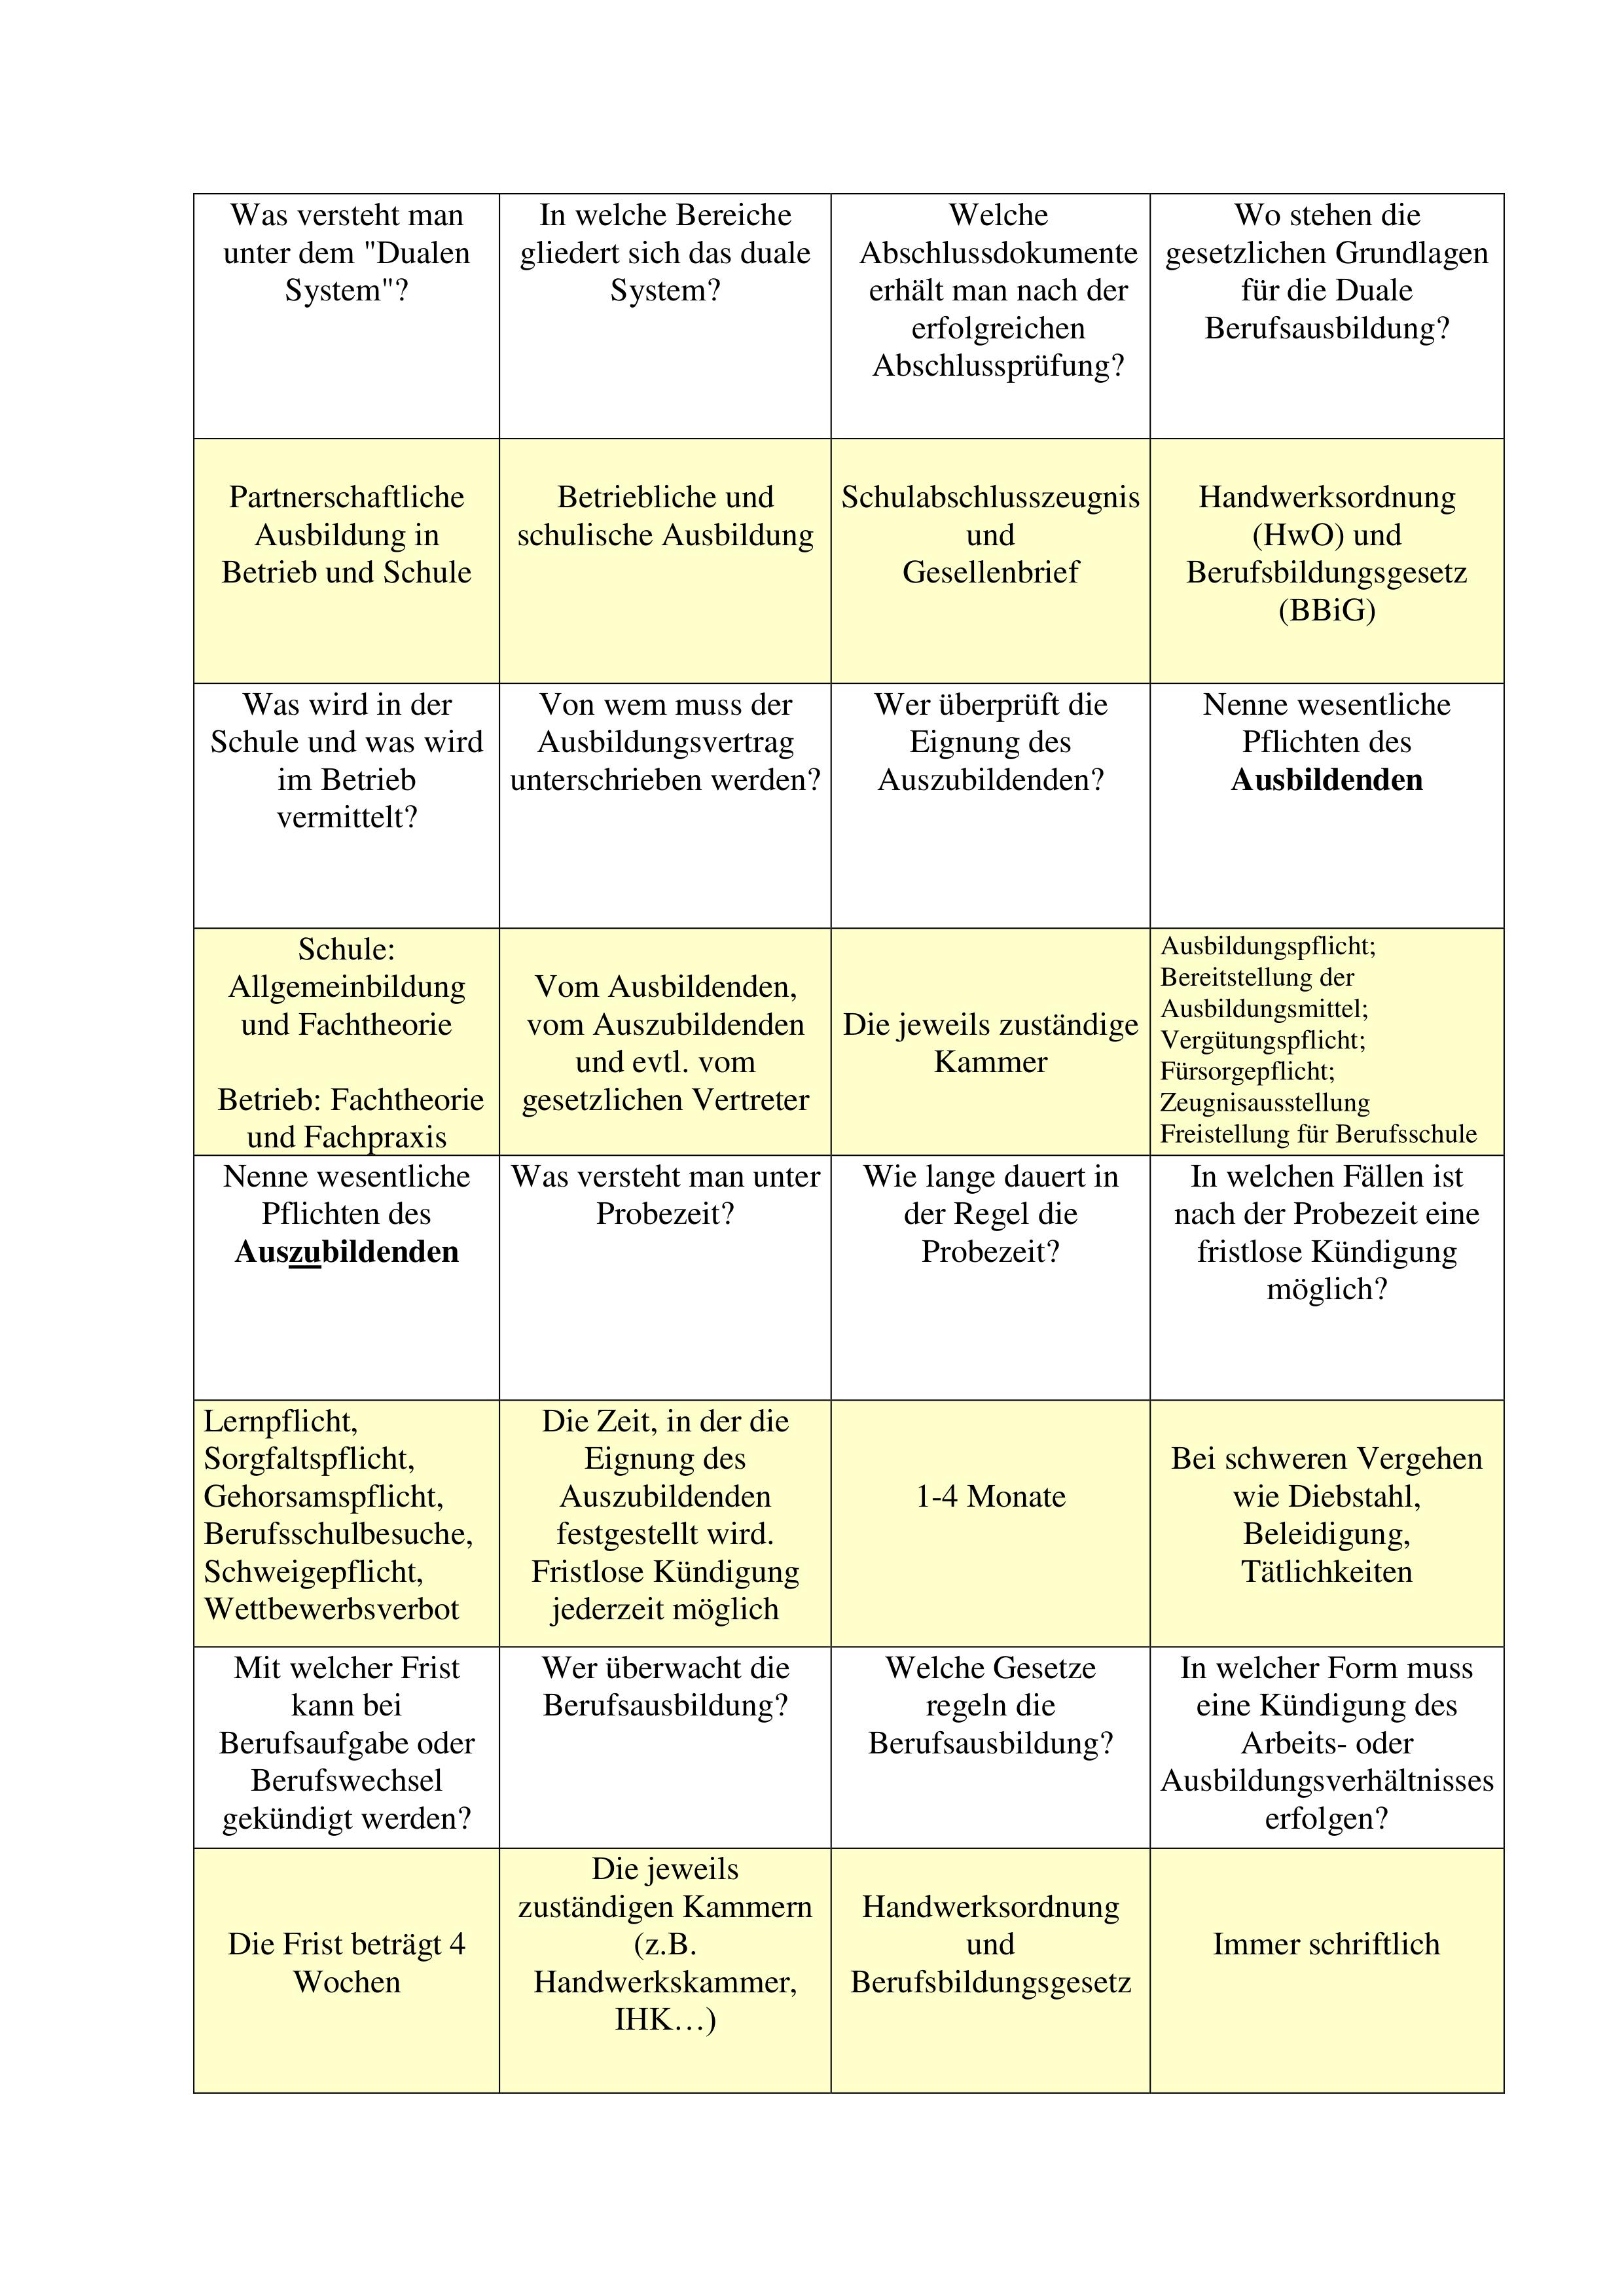 Pin Auf Wirtschaft Sekundarstufe Unterrichtsmaterialien